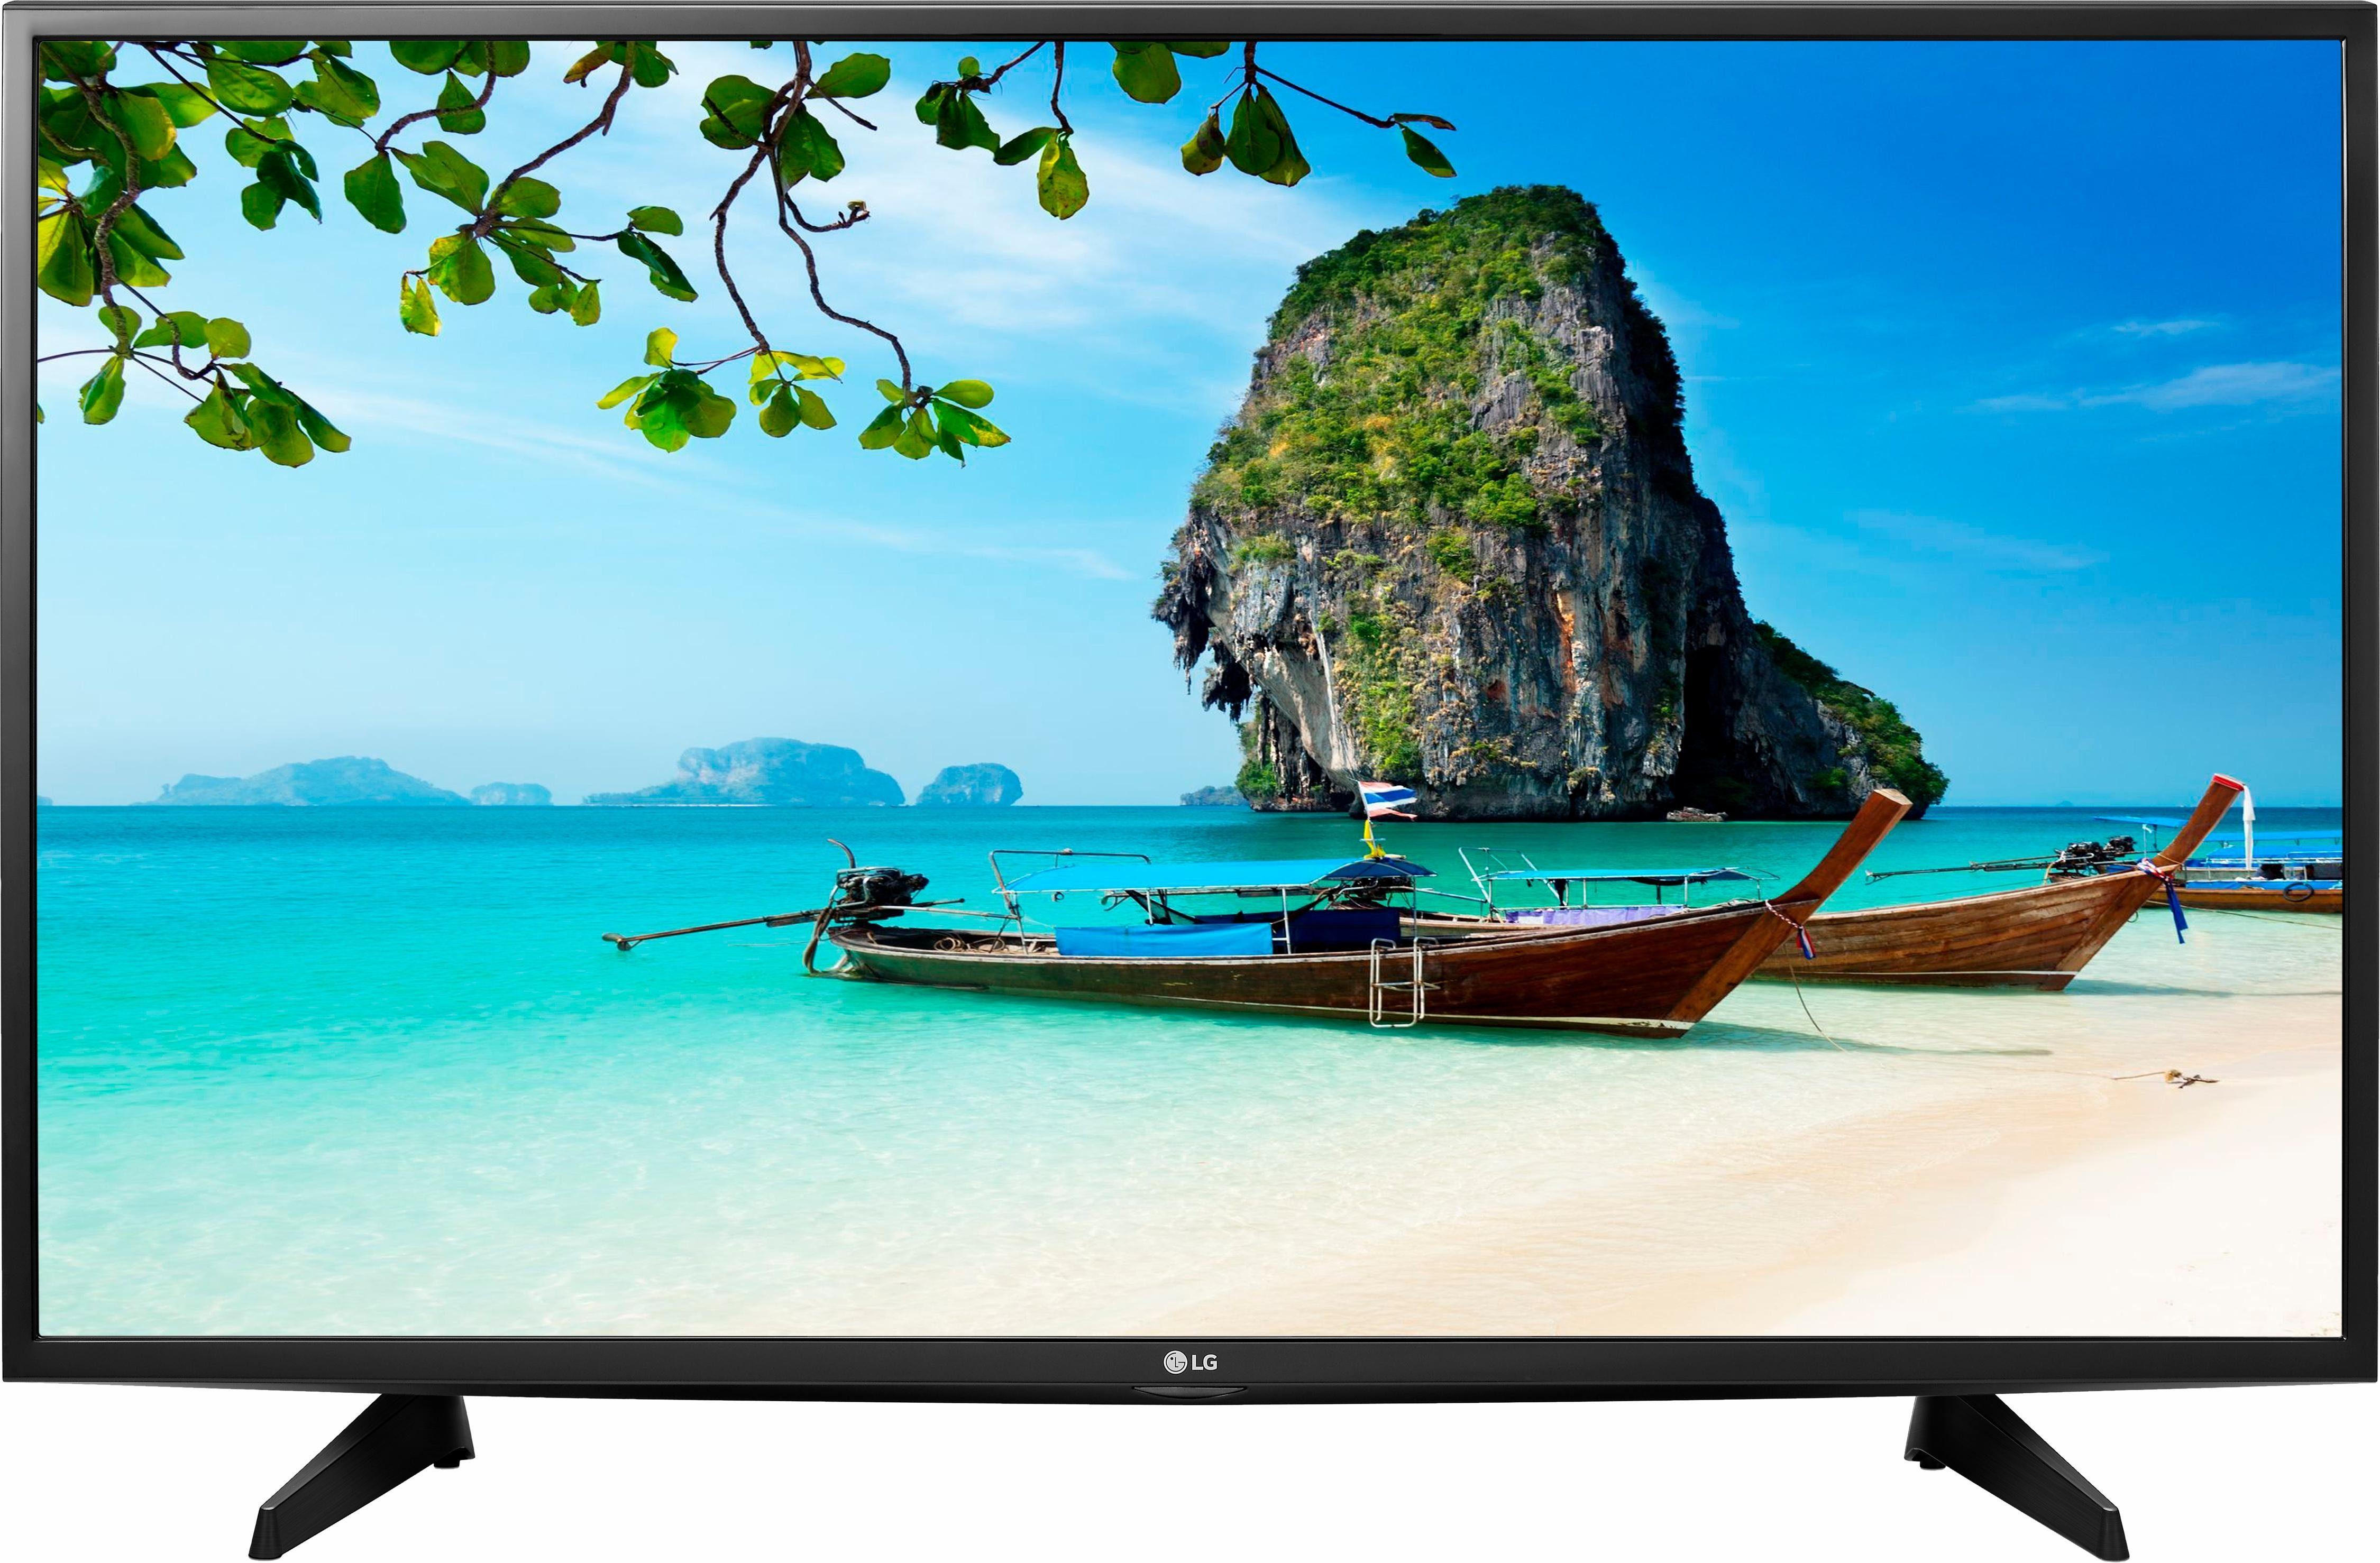 LG 43LH590V, LED Fernseher, 108 cm (43 Zoll), 1080p (Full HD), Smart-TV